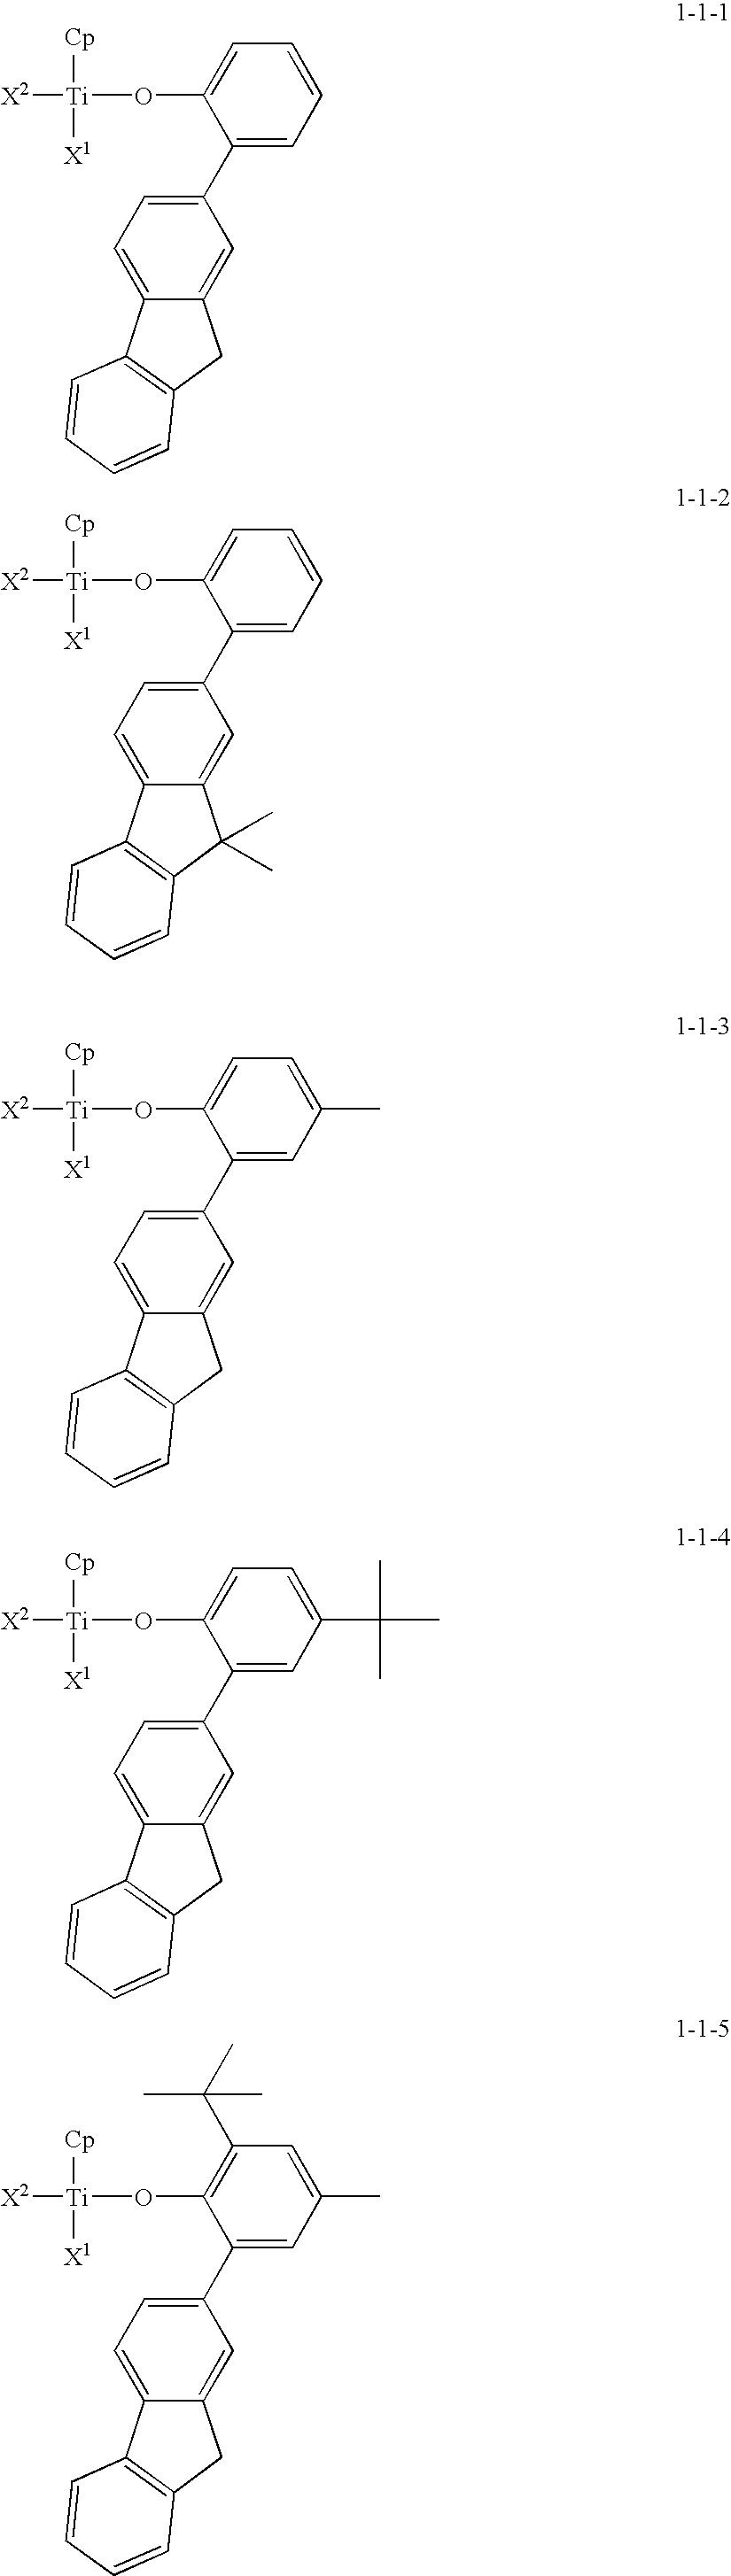 Figure US20100081776A1-20100401-C00048